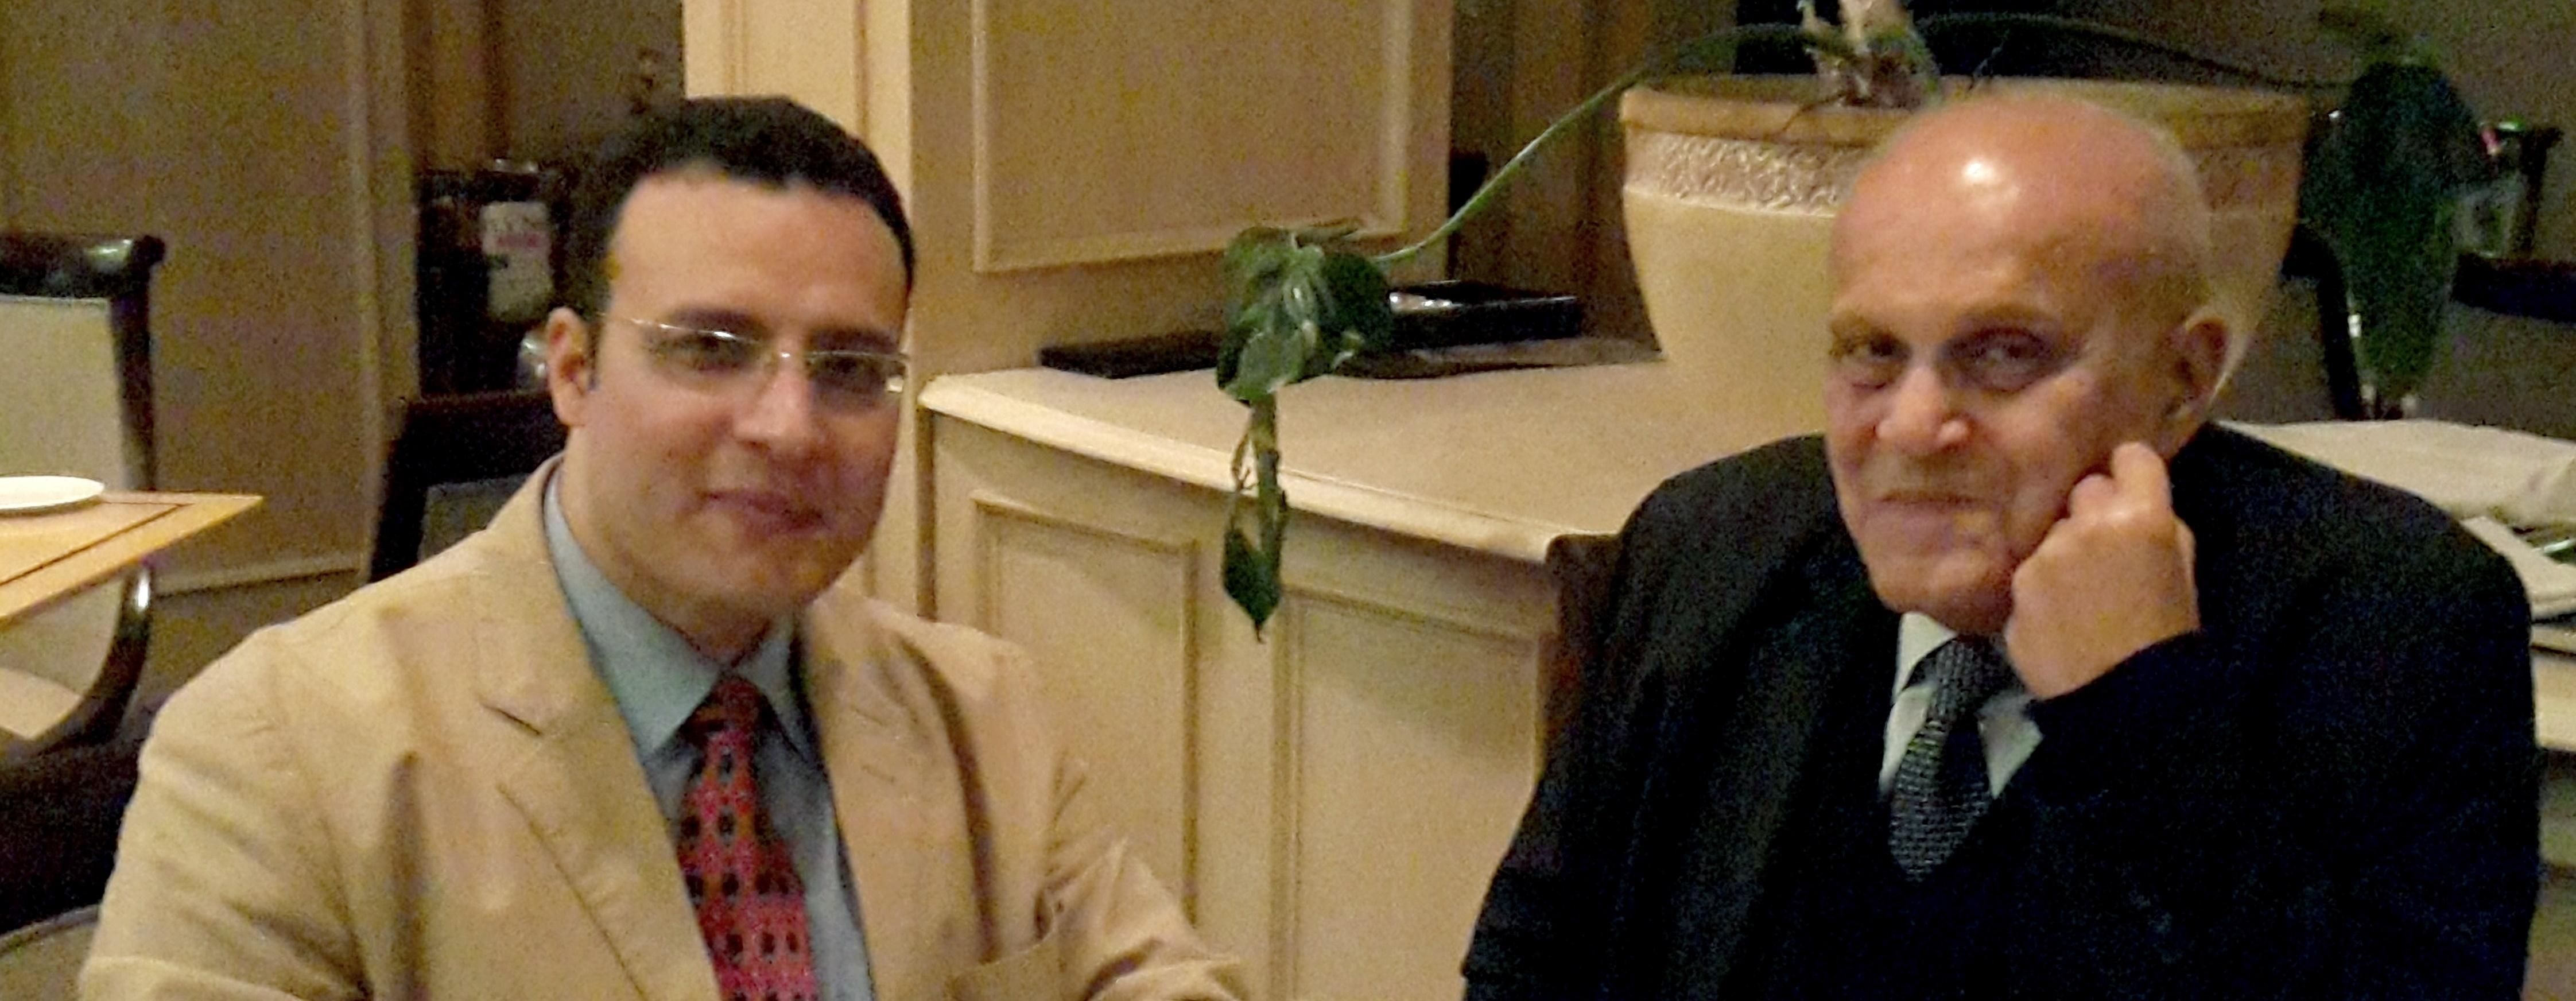 Sir Magdi Yacoub and Dr. Ibrahim El-Sherbiny